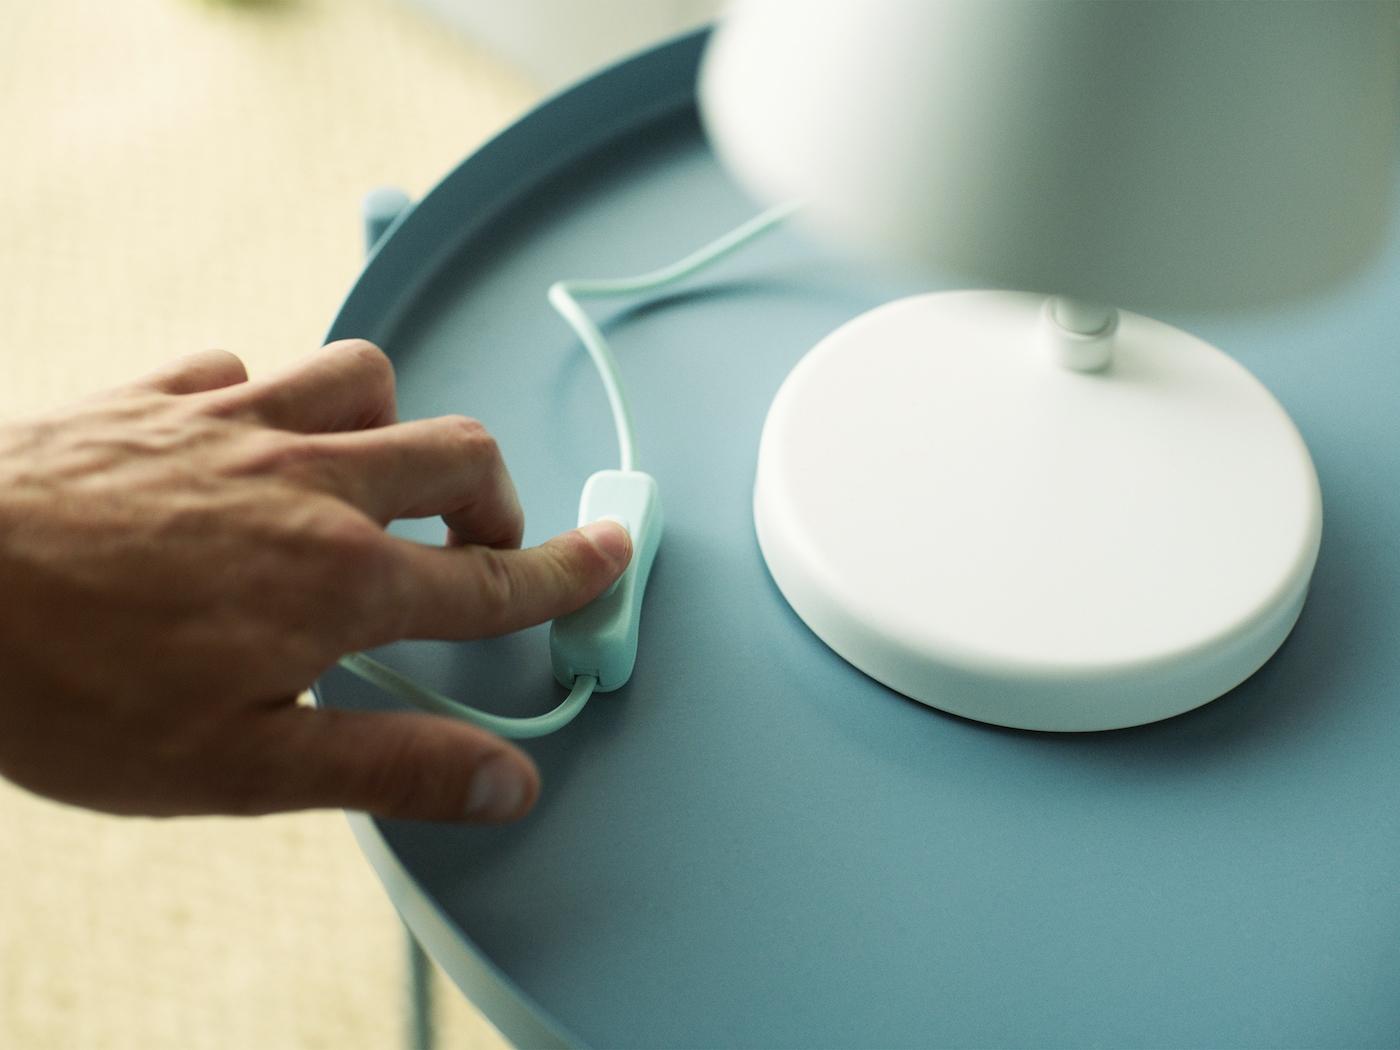 Une main actionne l'interrupteur d'une lampe de table blanche posée sur une table bleu clair.